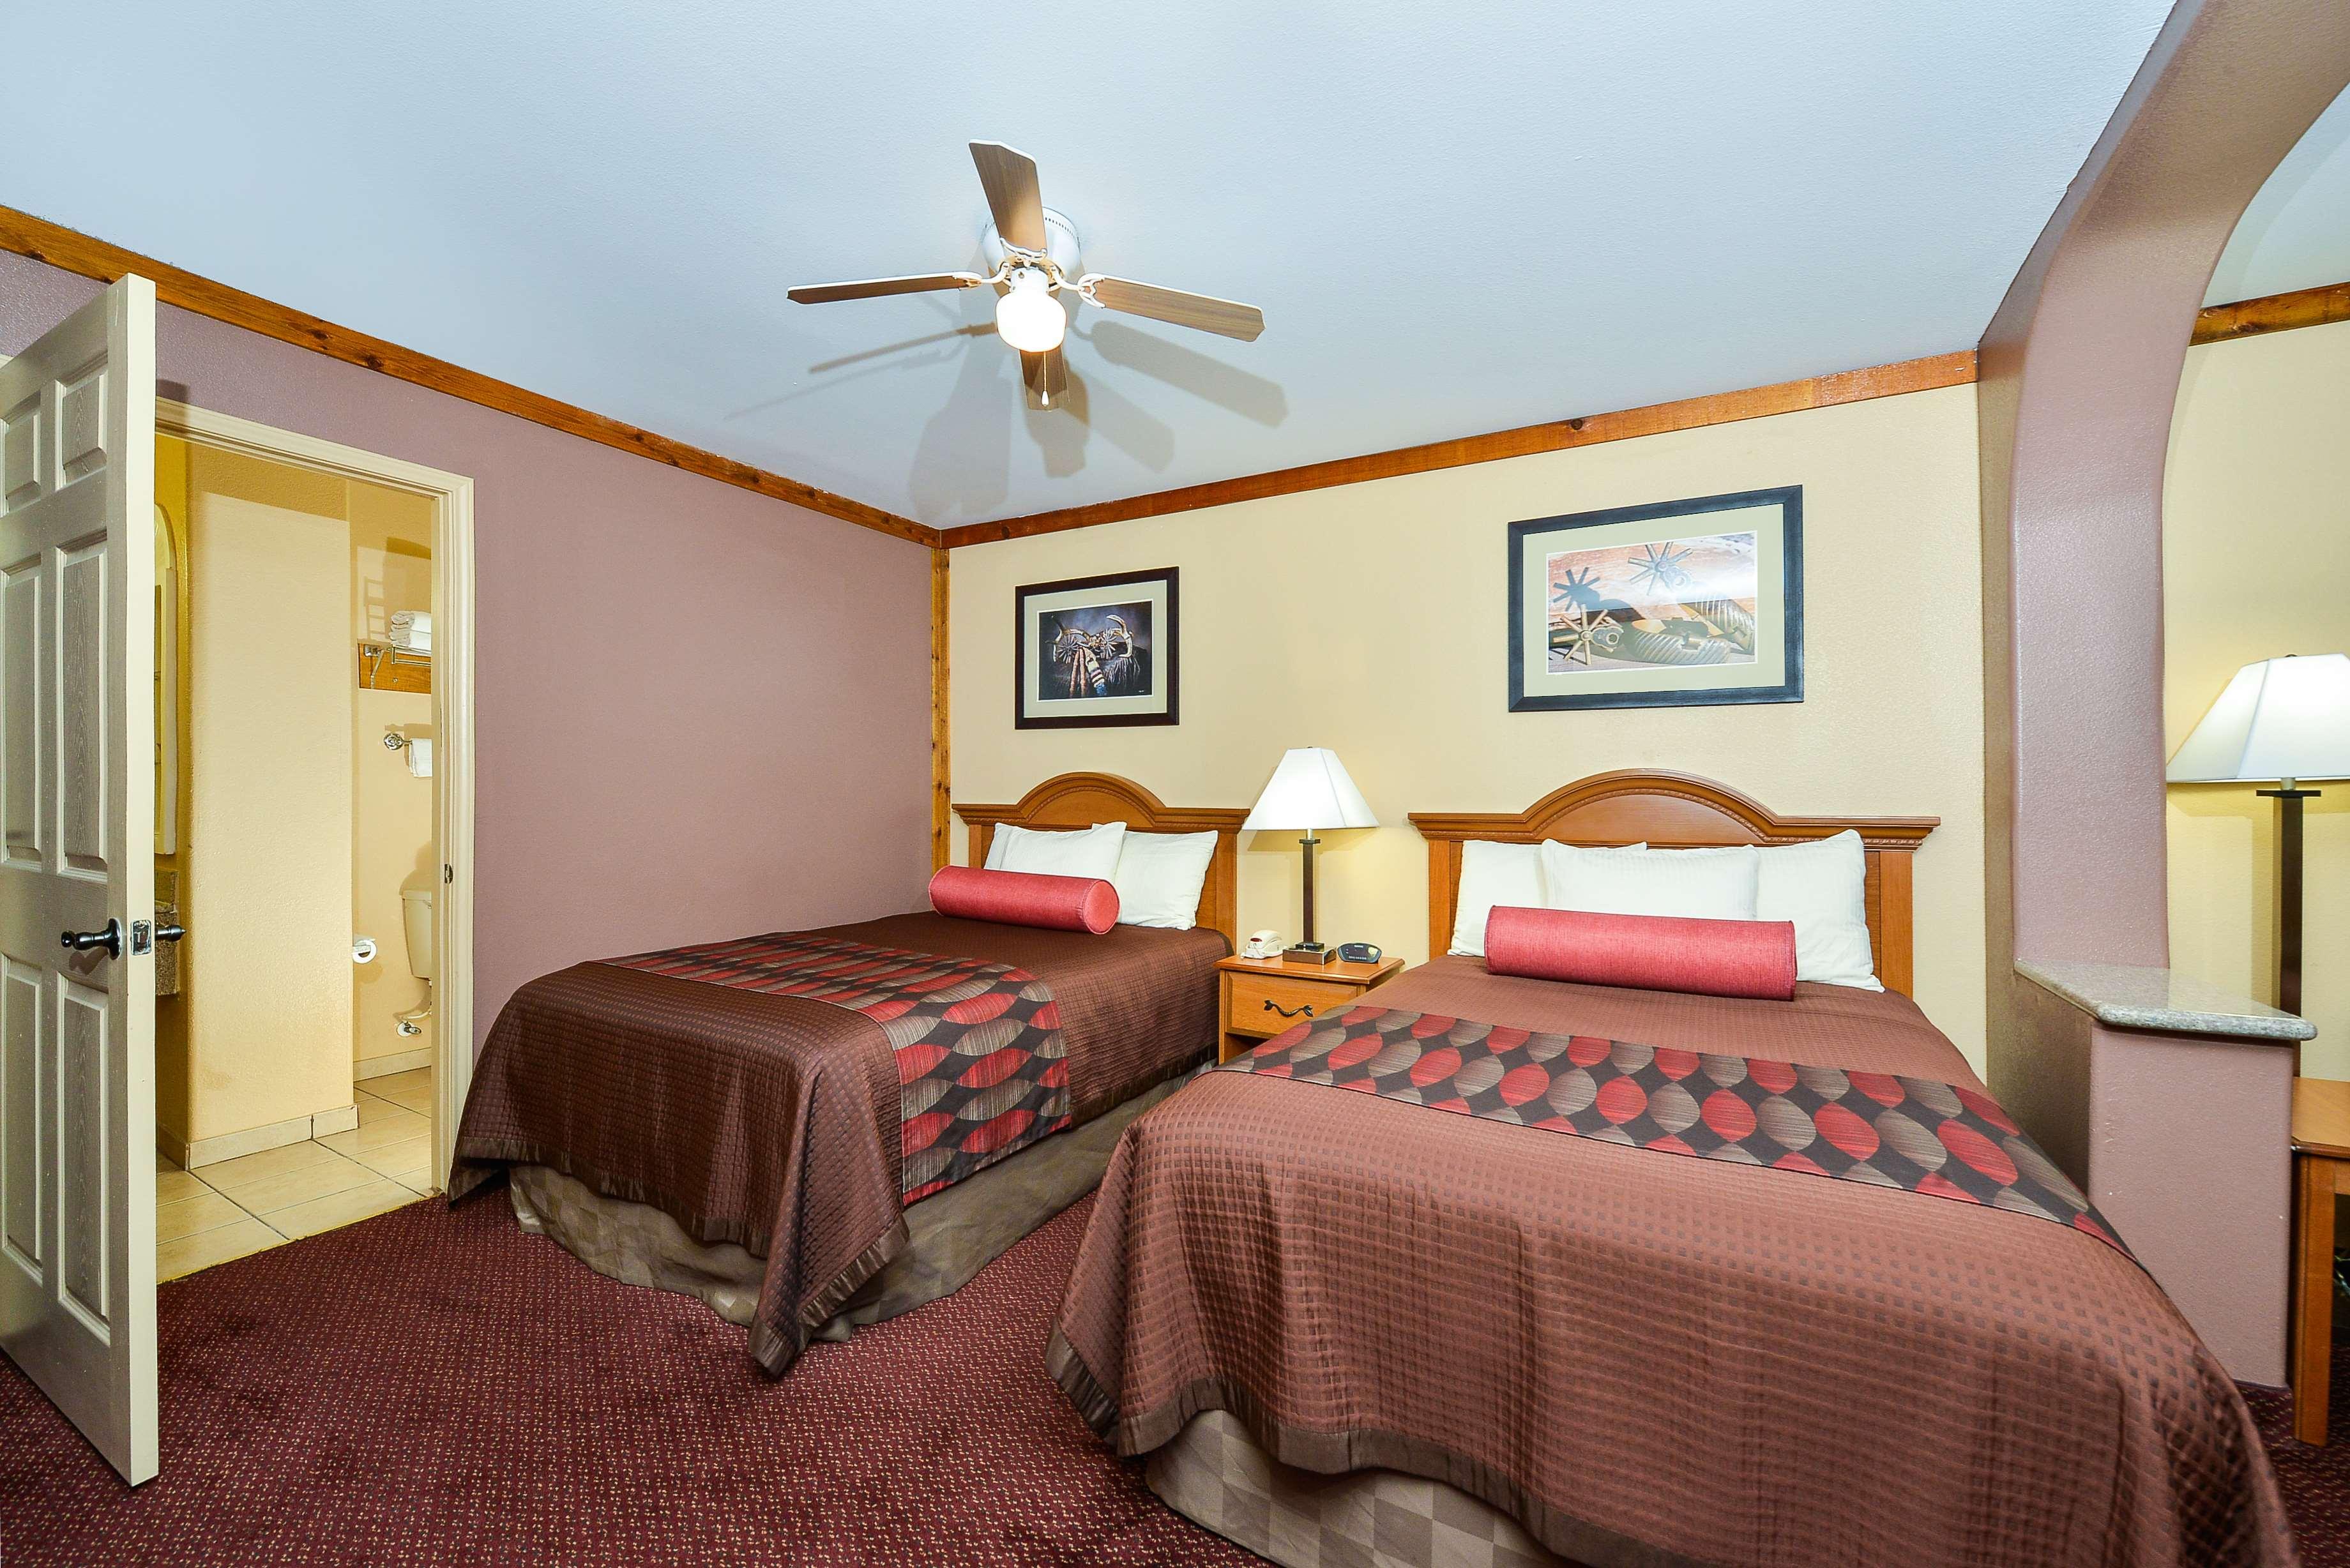 Best Western Windwood Inn & Suites image 23